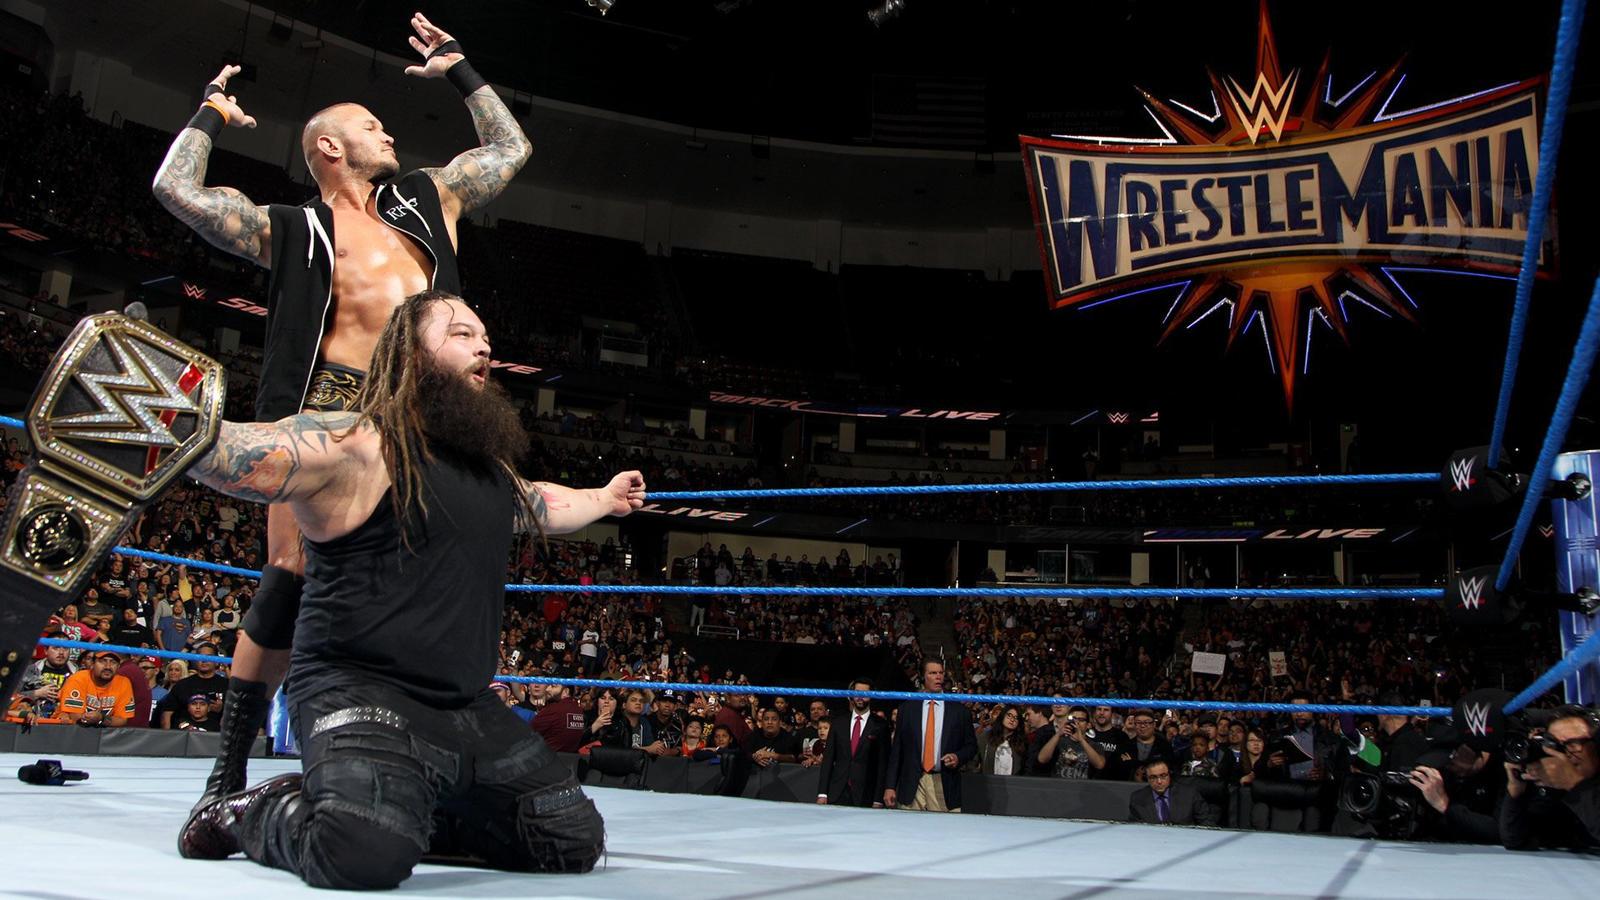 Будущее чемпионства WWE на Рестлмании